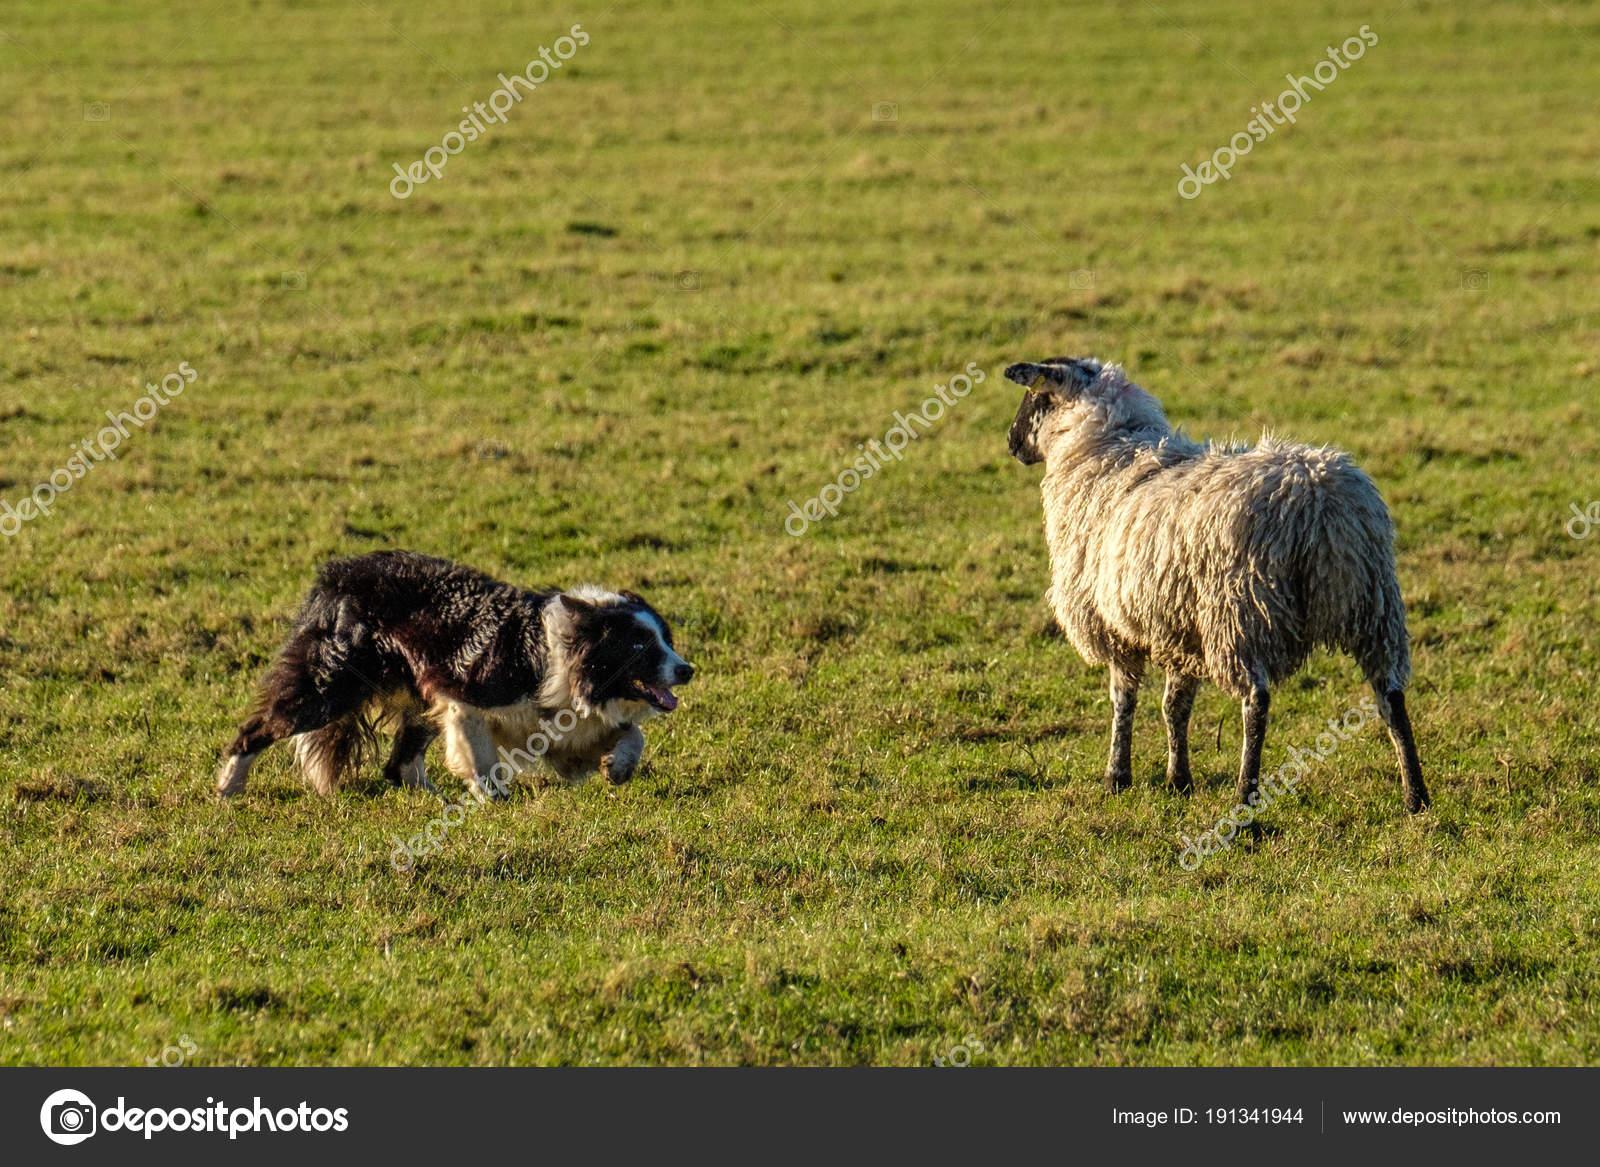 Lavoro Del Border Collie Cane Pastore Accovacciato Guardando Pecore